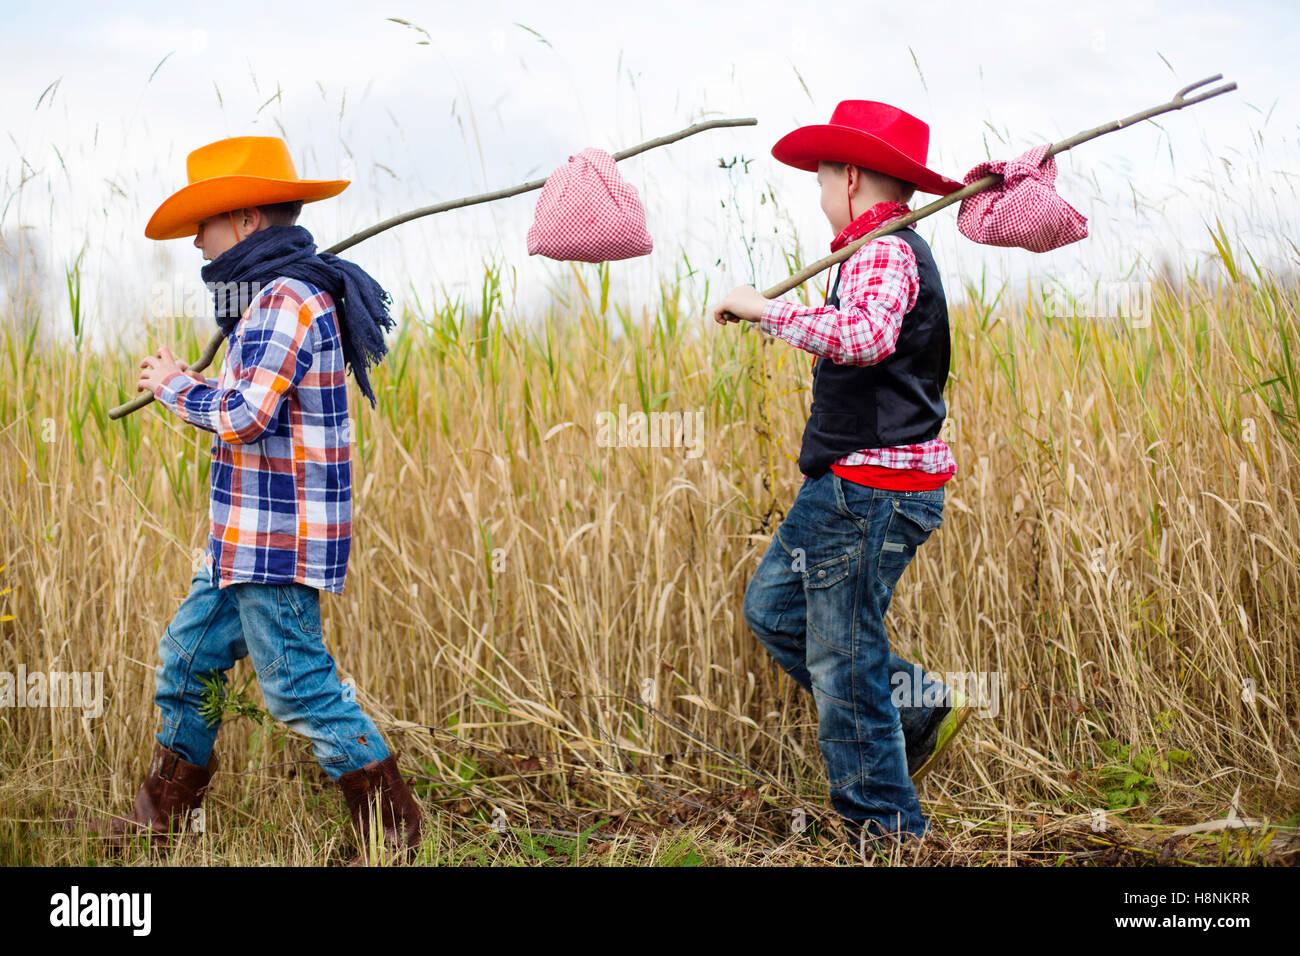 Jungen (8-9) verkleidete sich als Cowboys zu Fuß in Feld Stockbild